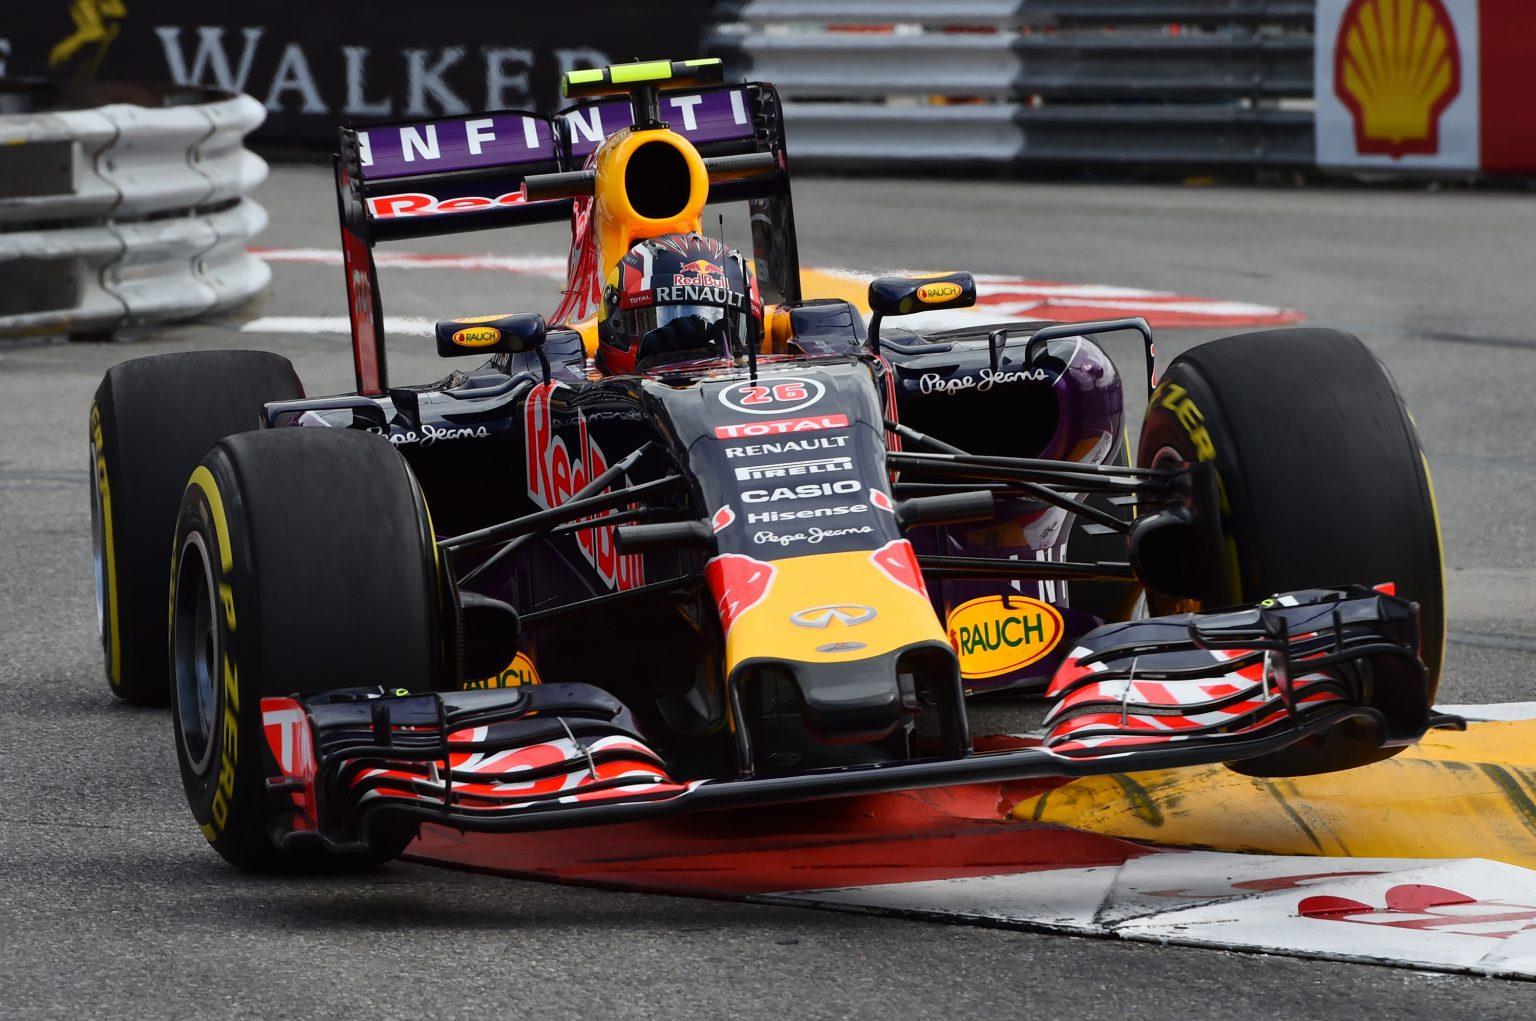 2016年F1の見どころ 3 : F1通信